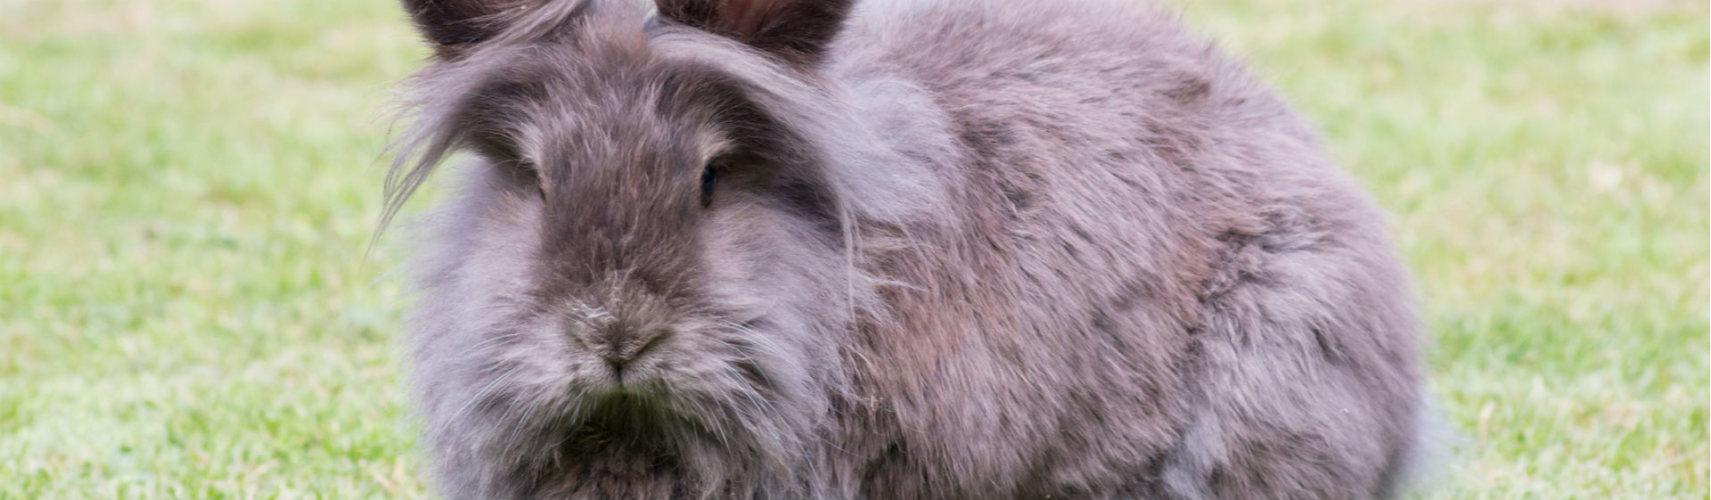 Conejos de tratamiento patas de